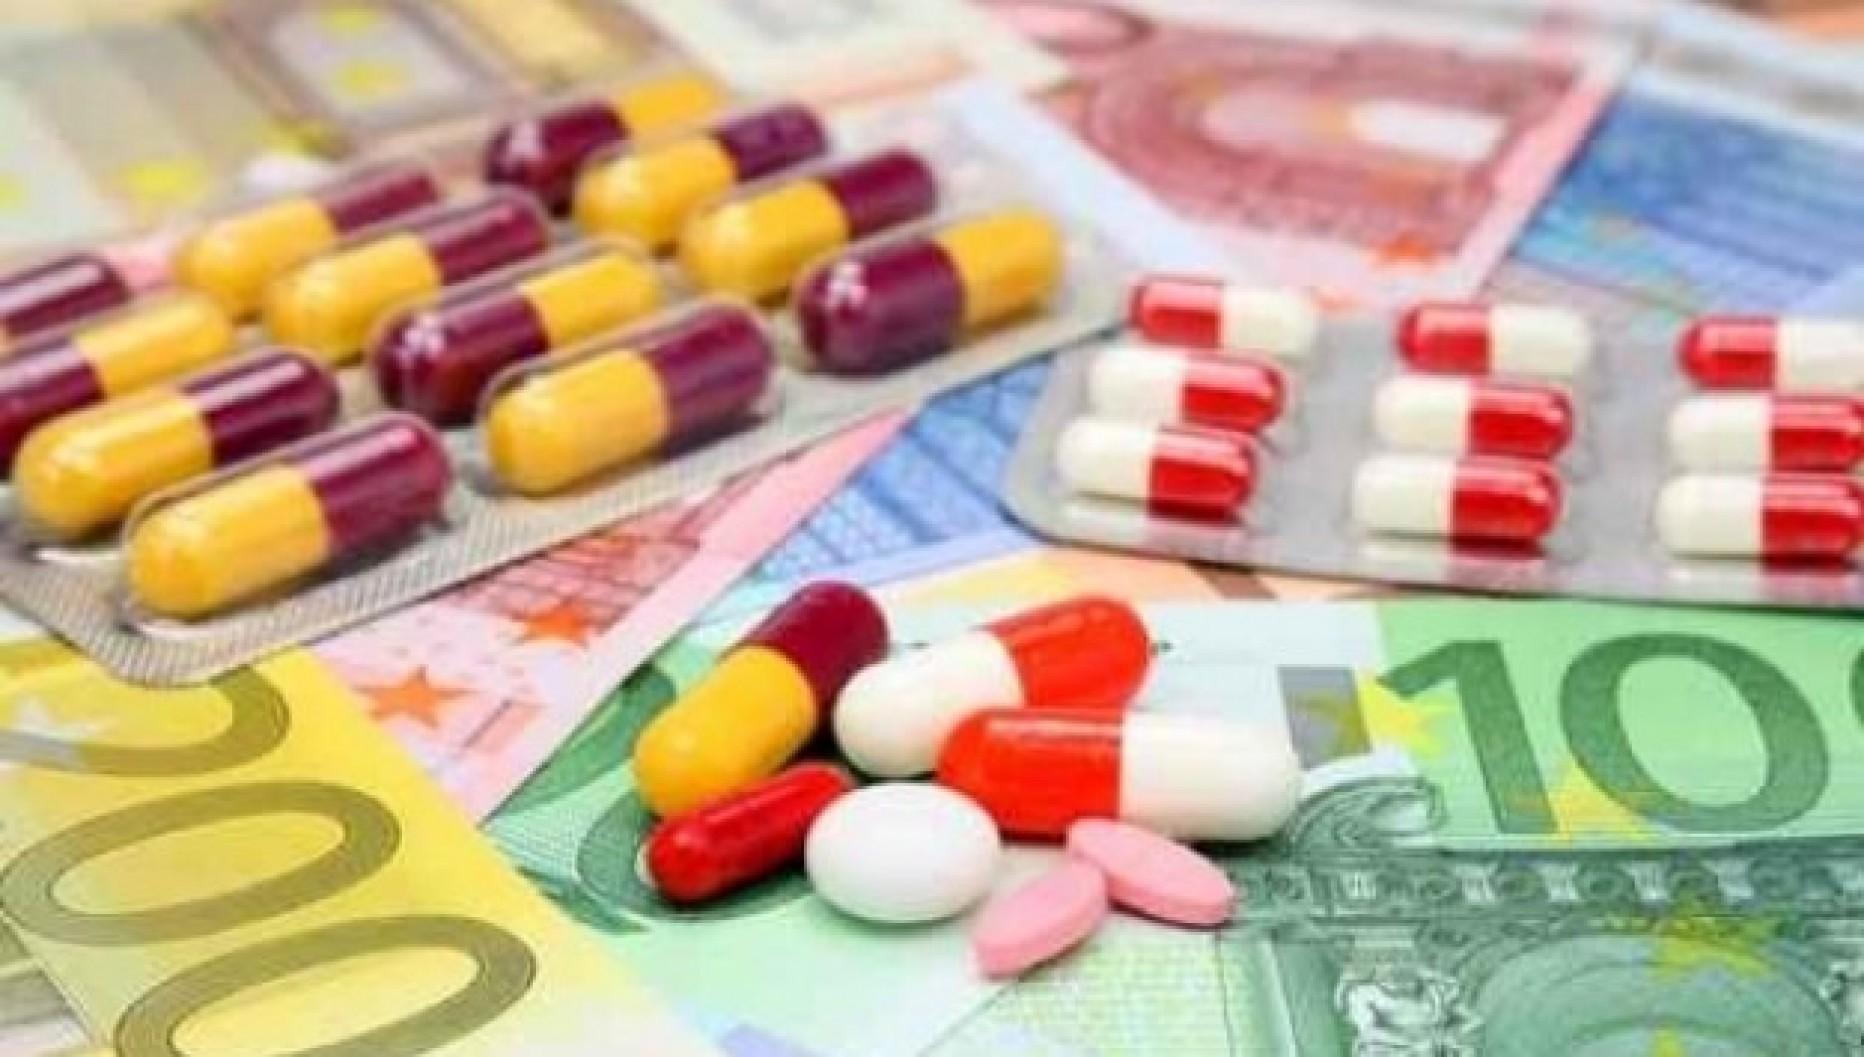 Κατασκευή ηλεκτρονικού φαρμακείου